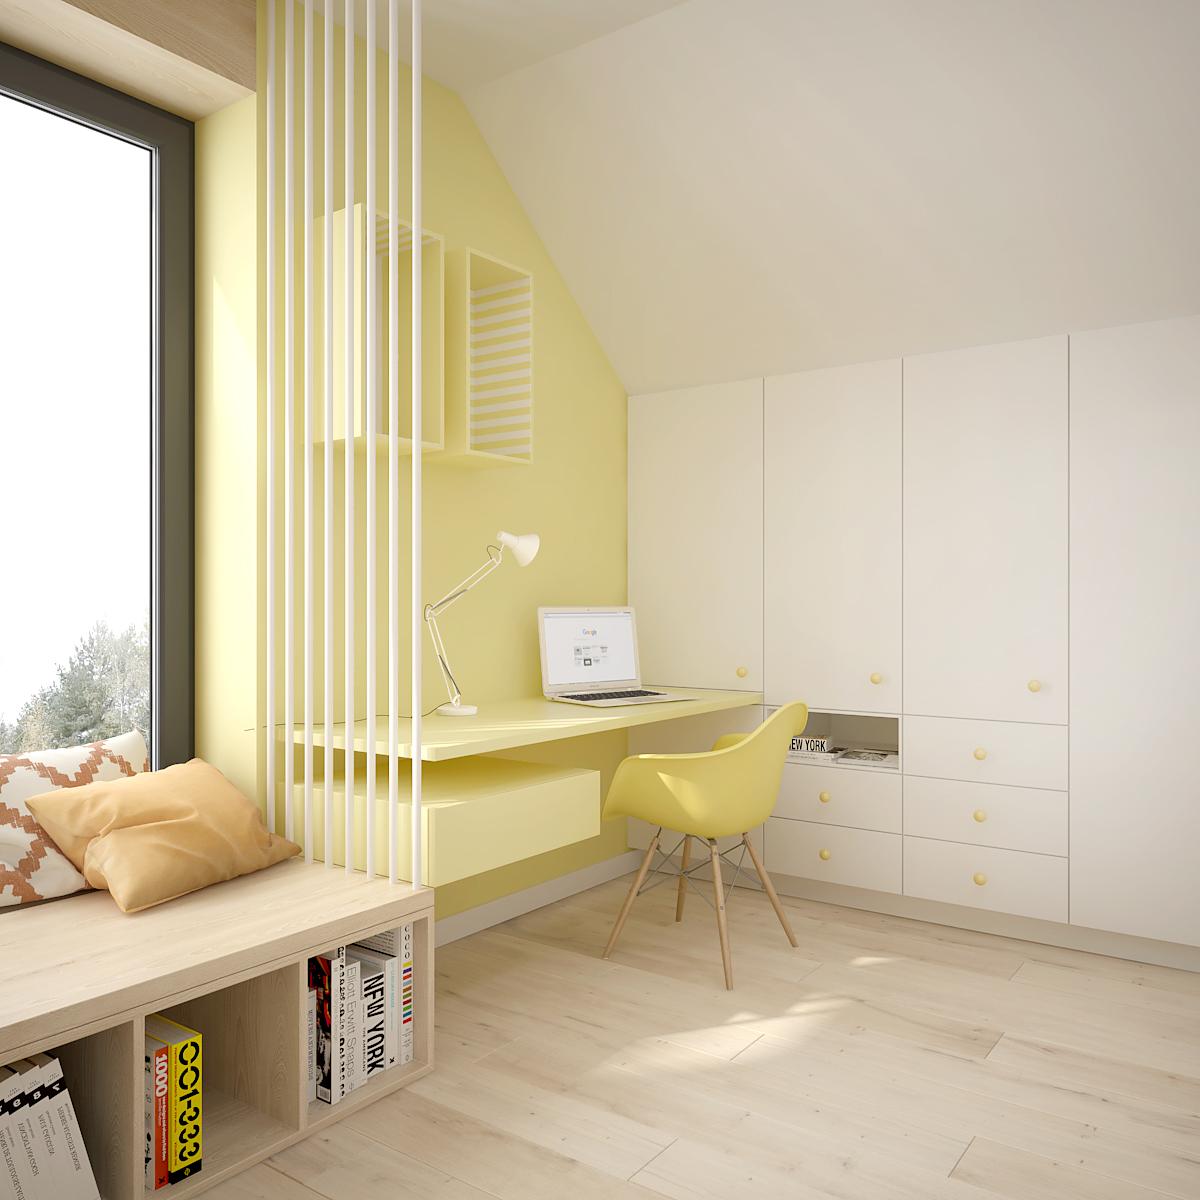 34 projekt wnetrza D552 dom krakow pokoj dziecka miejsce do nauki